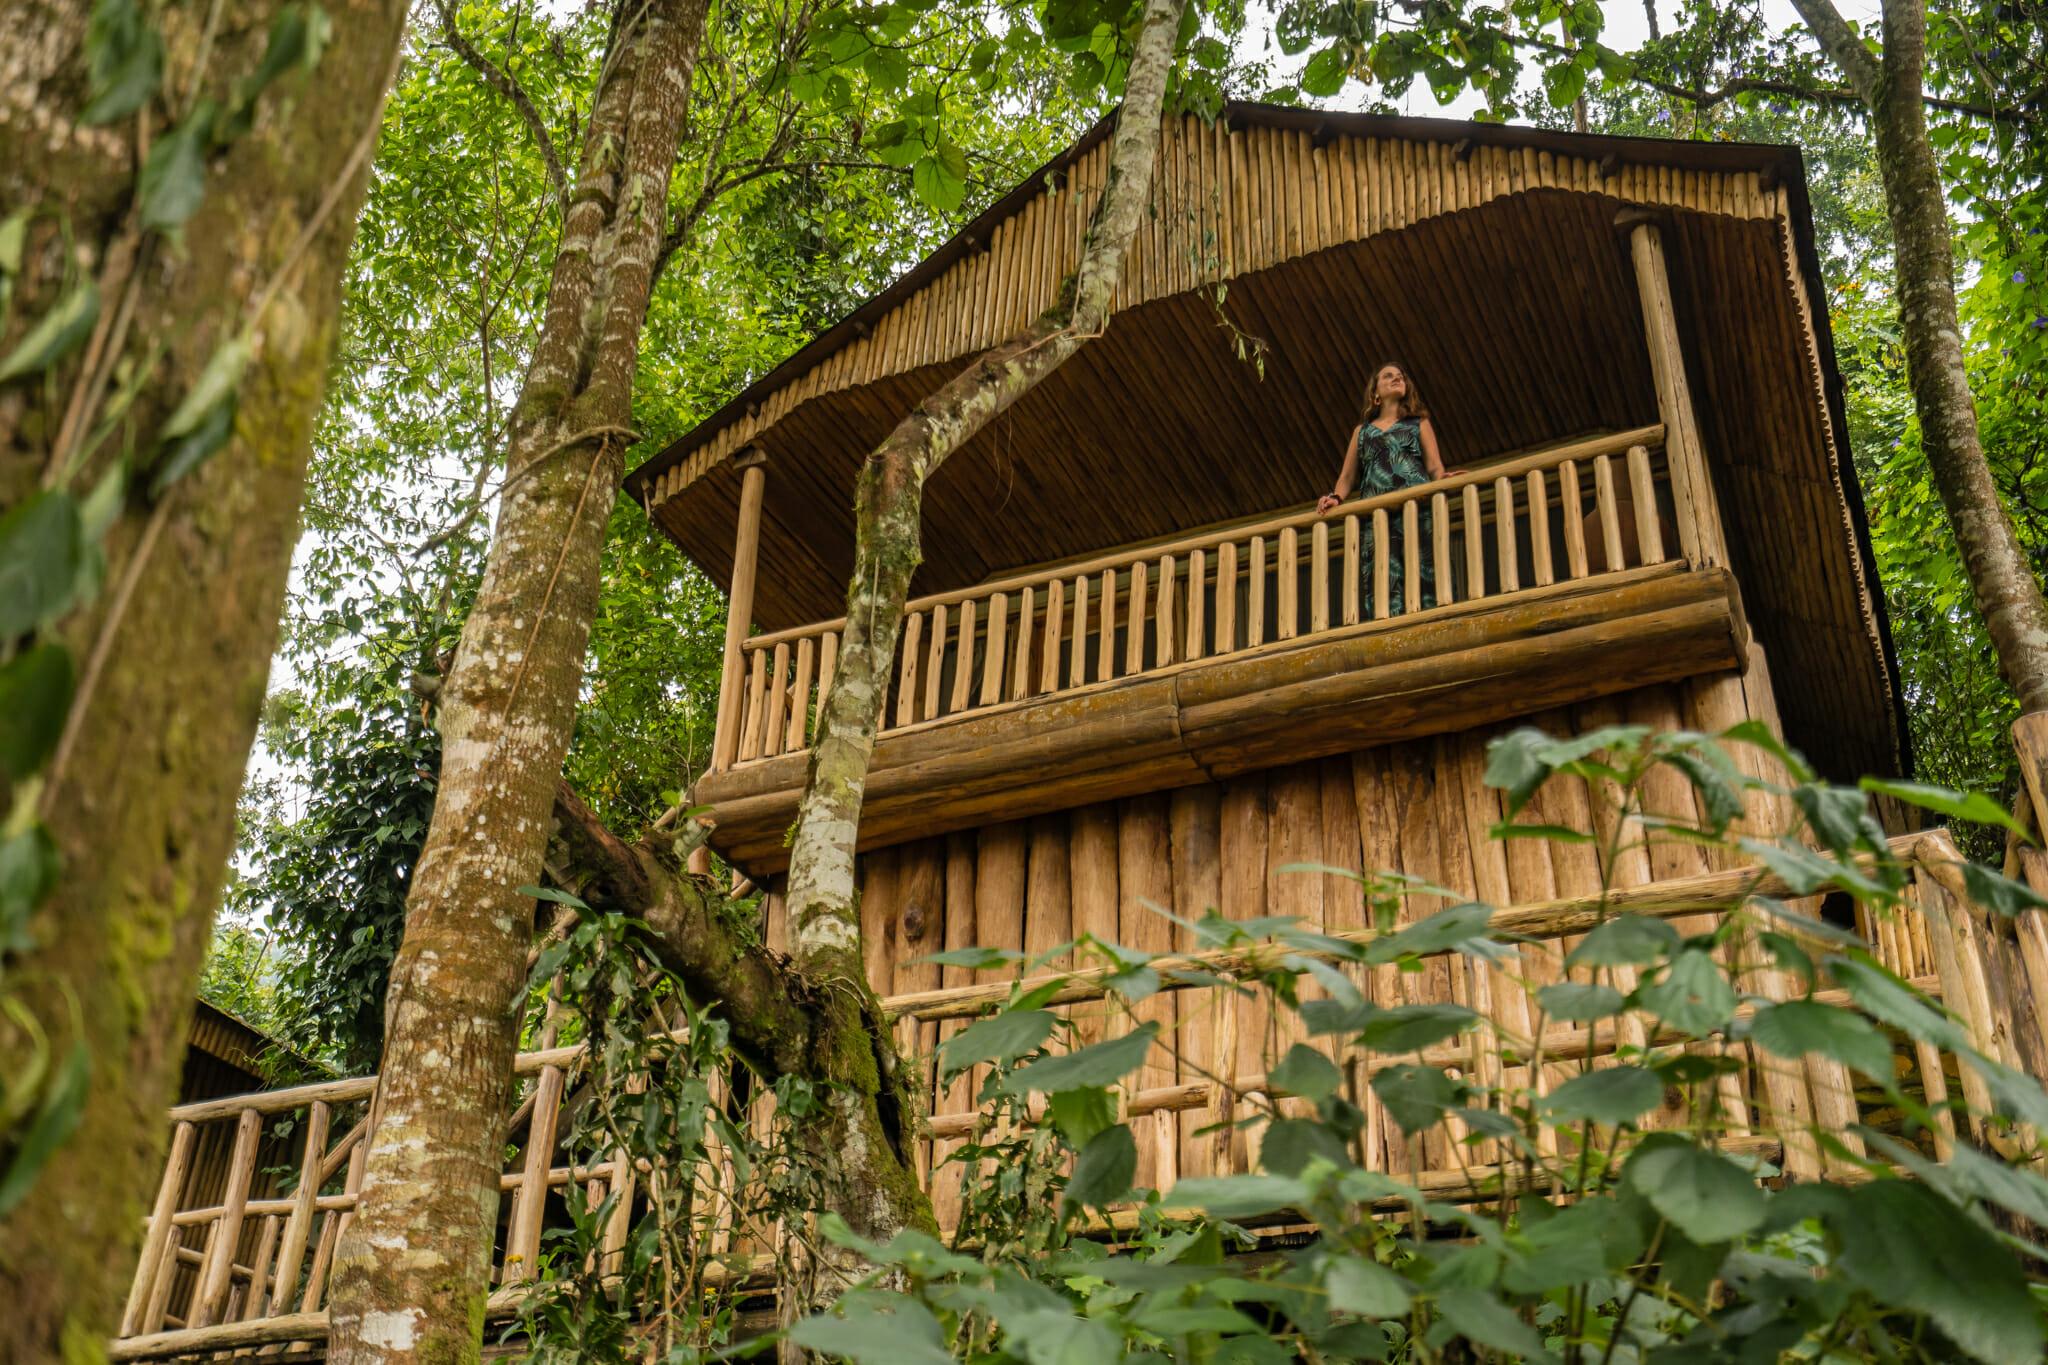 cabane en plein coeur de la forêt de bwindi en ouganda